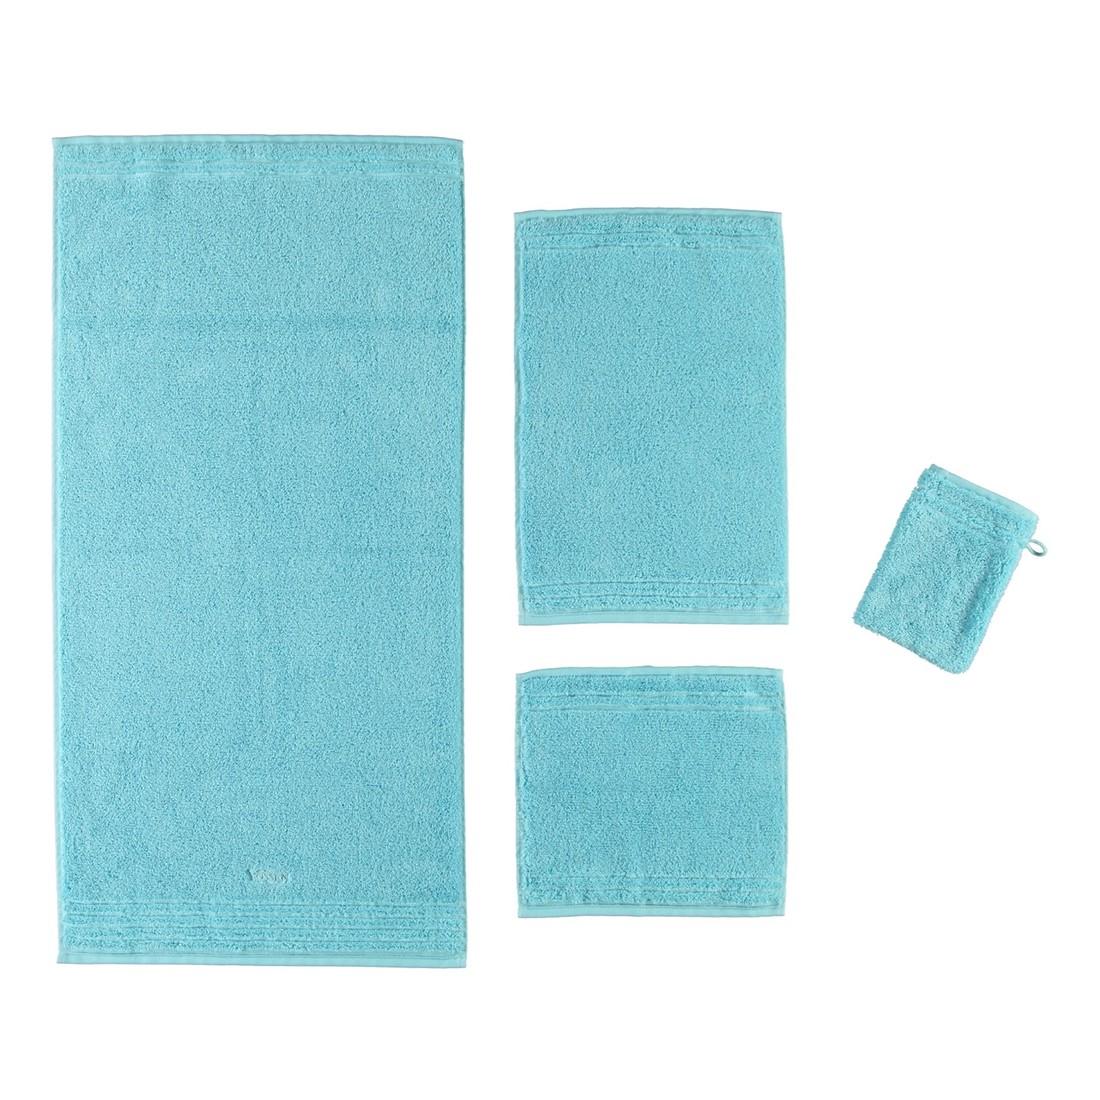 Handtuch Vienna Style Supersoft – 100% Baumwolle light azure – 534 – Badetuch: 100 x 150 cm, Vossen online kaufen